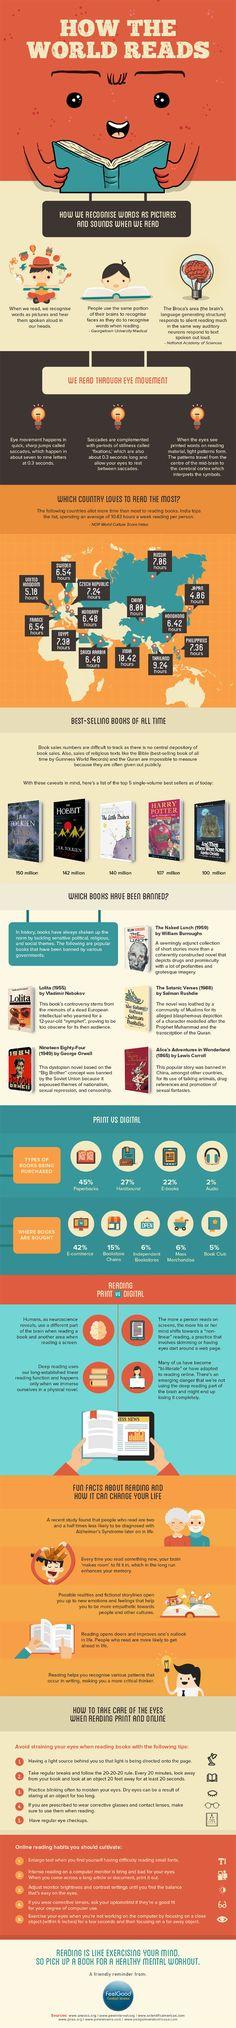 Leggere: i gusti, gli usi e i motivi sono per ciascuno diversi e personali. Ma quanto ne sappiamo davvero sull'attività della lettura? Ecco l'infografica...